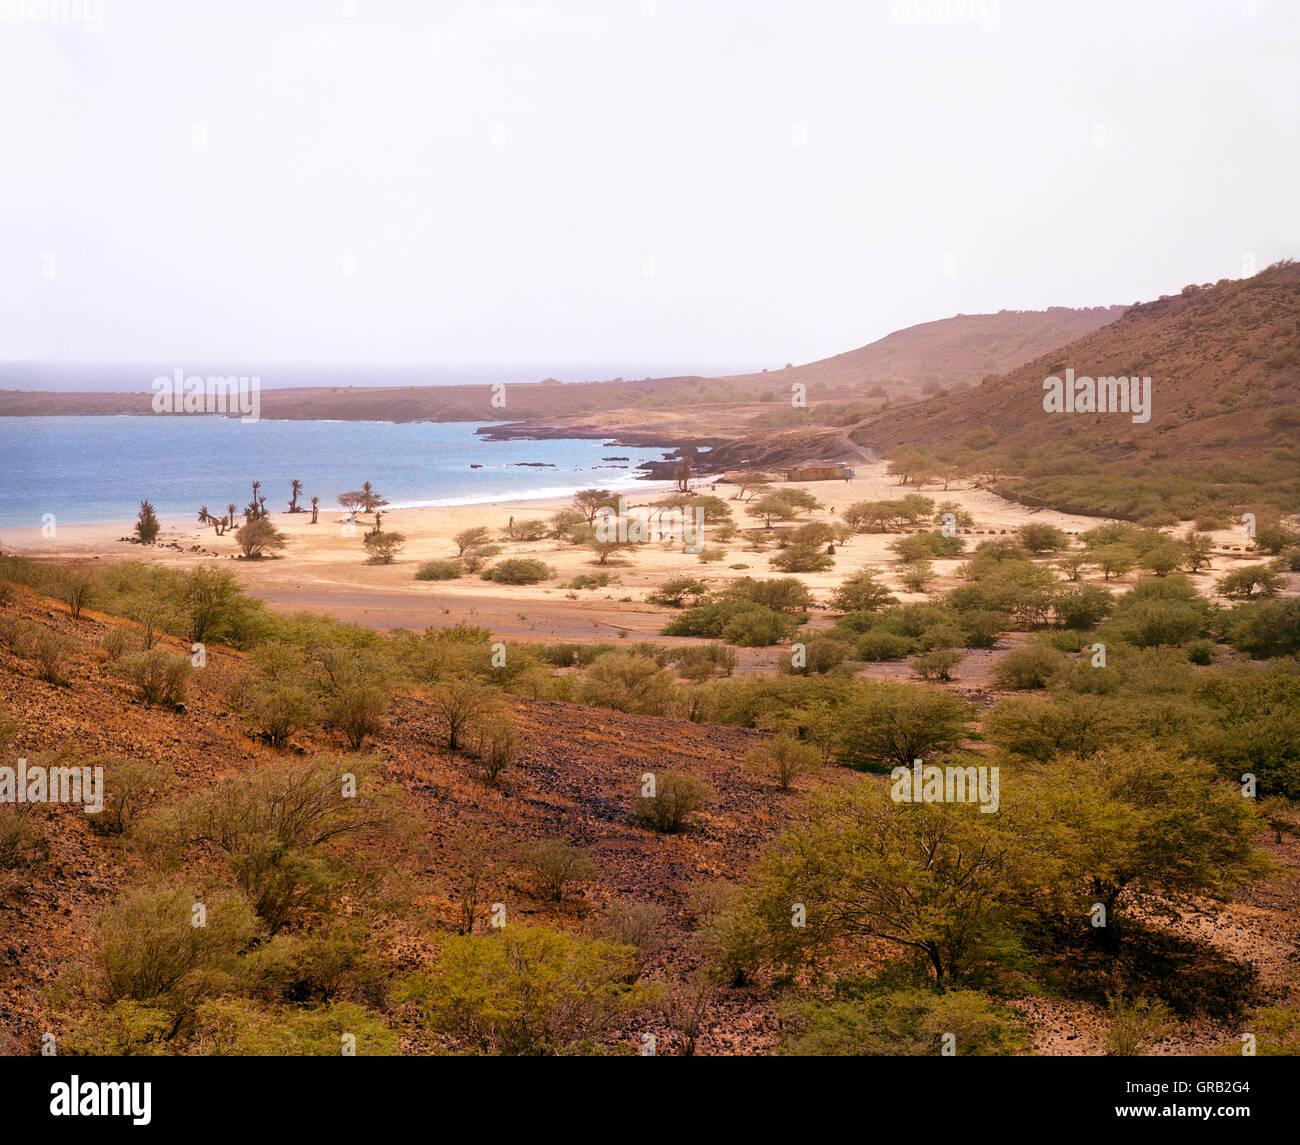 La playa principal y a la bahía de San Francisco, Santiago, Islas de Cabo Verde, África. Imagen De Stock